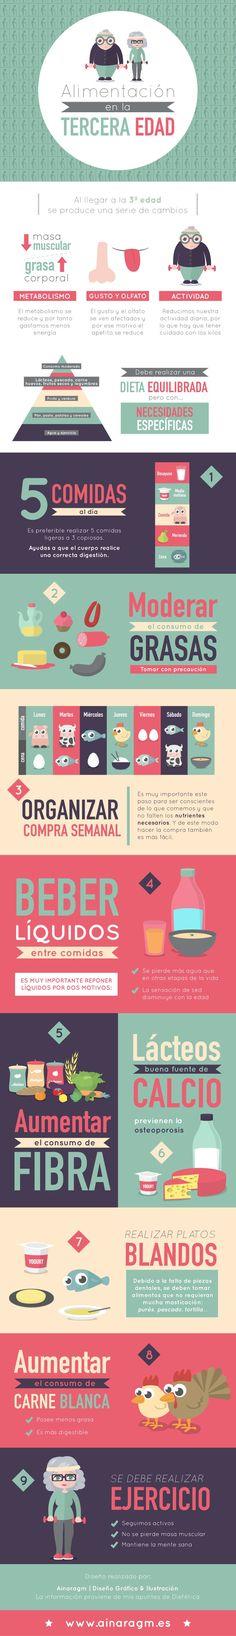 #Infografia sobre la alimentación en la #TerceraEdad #nutricion